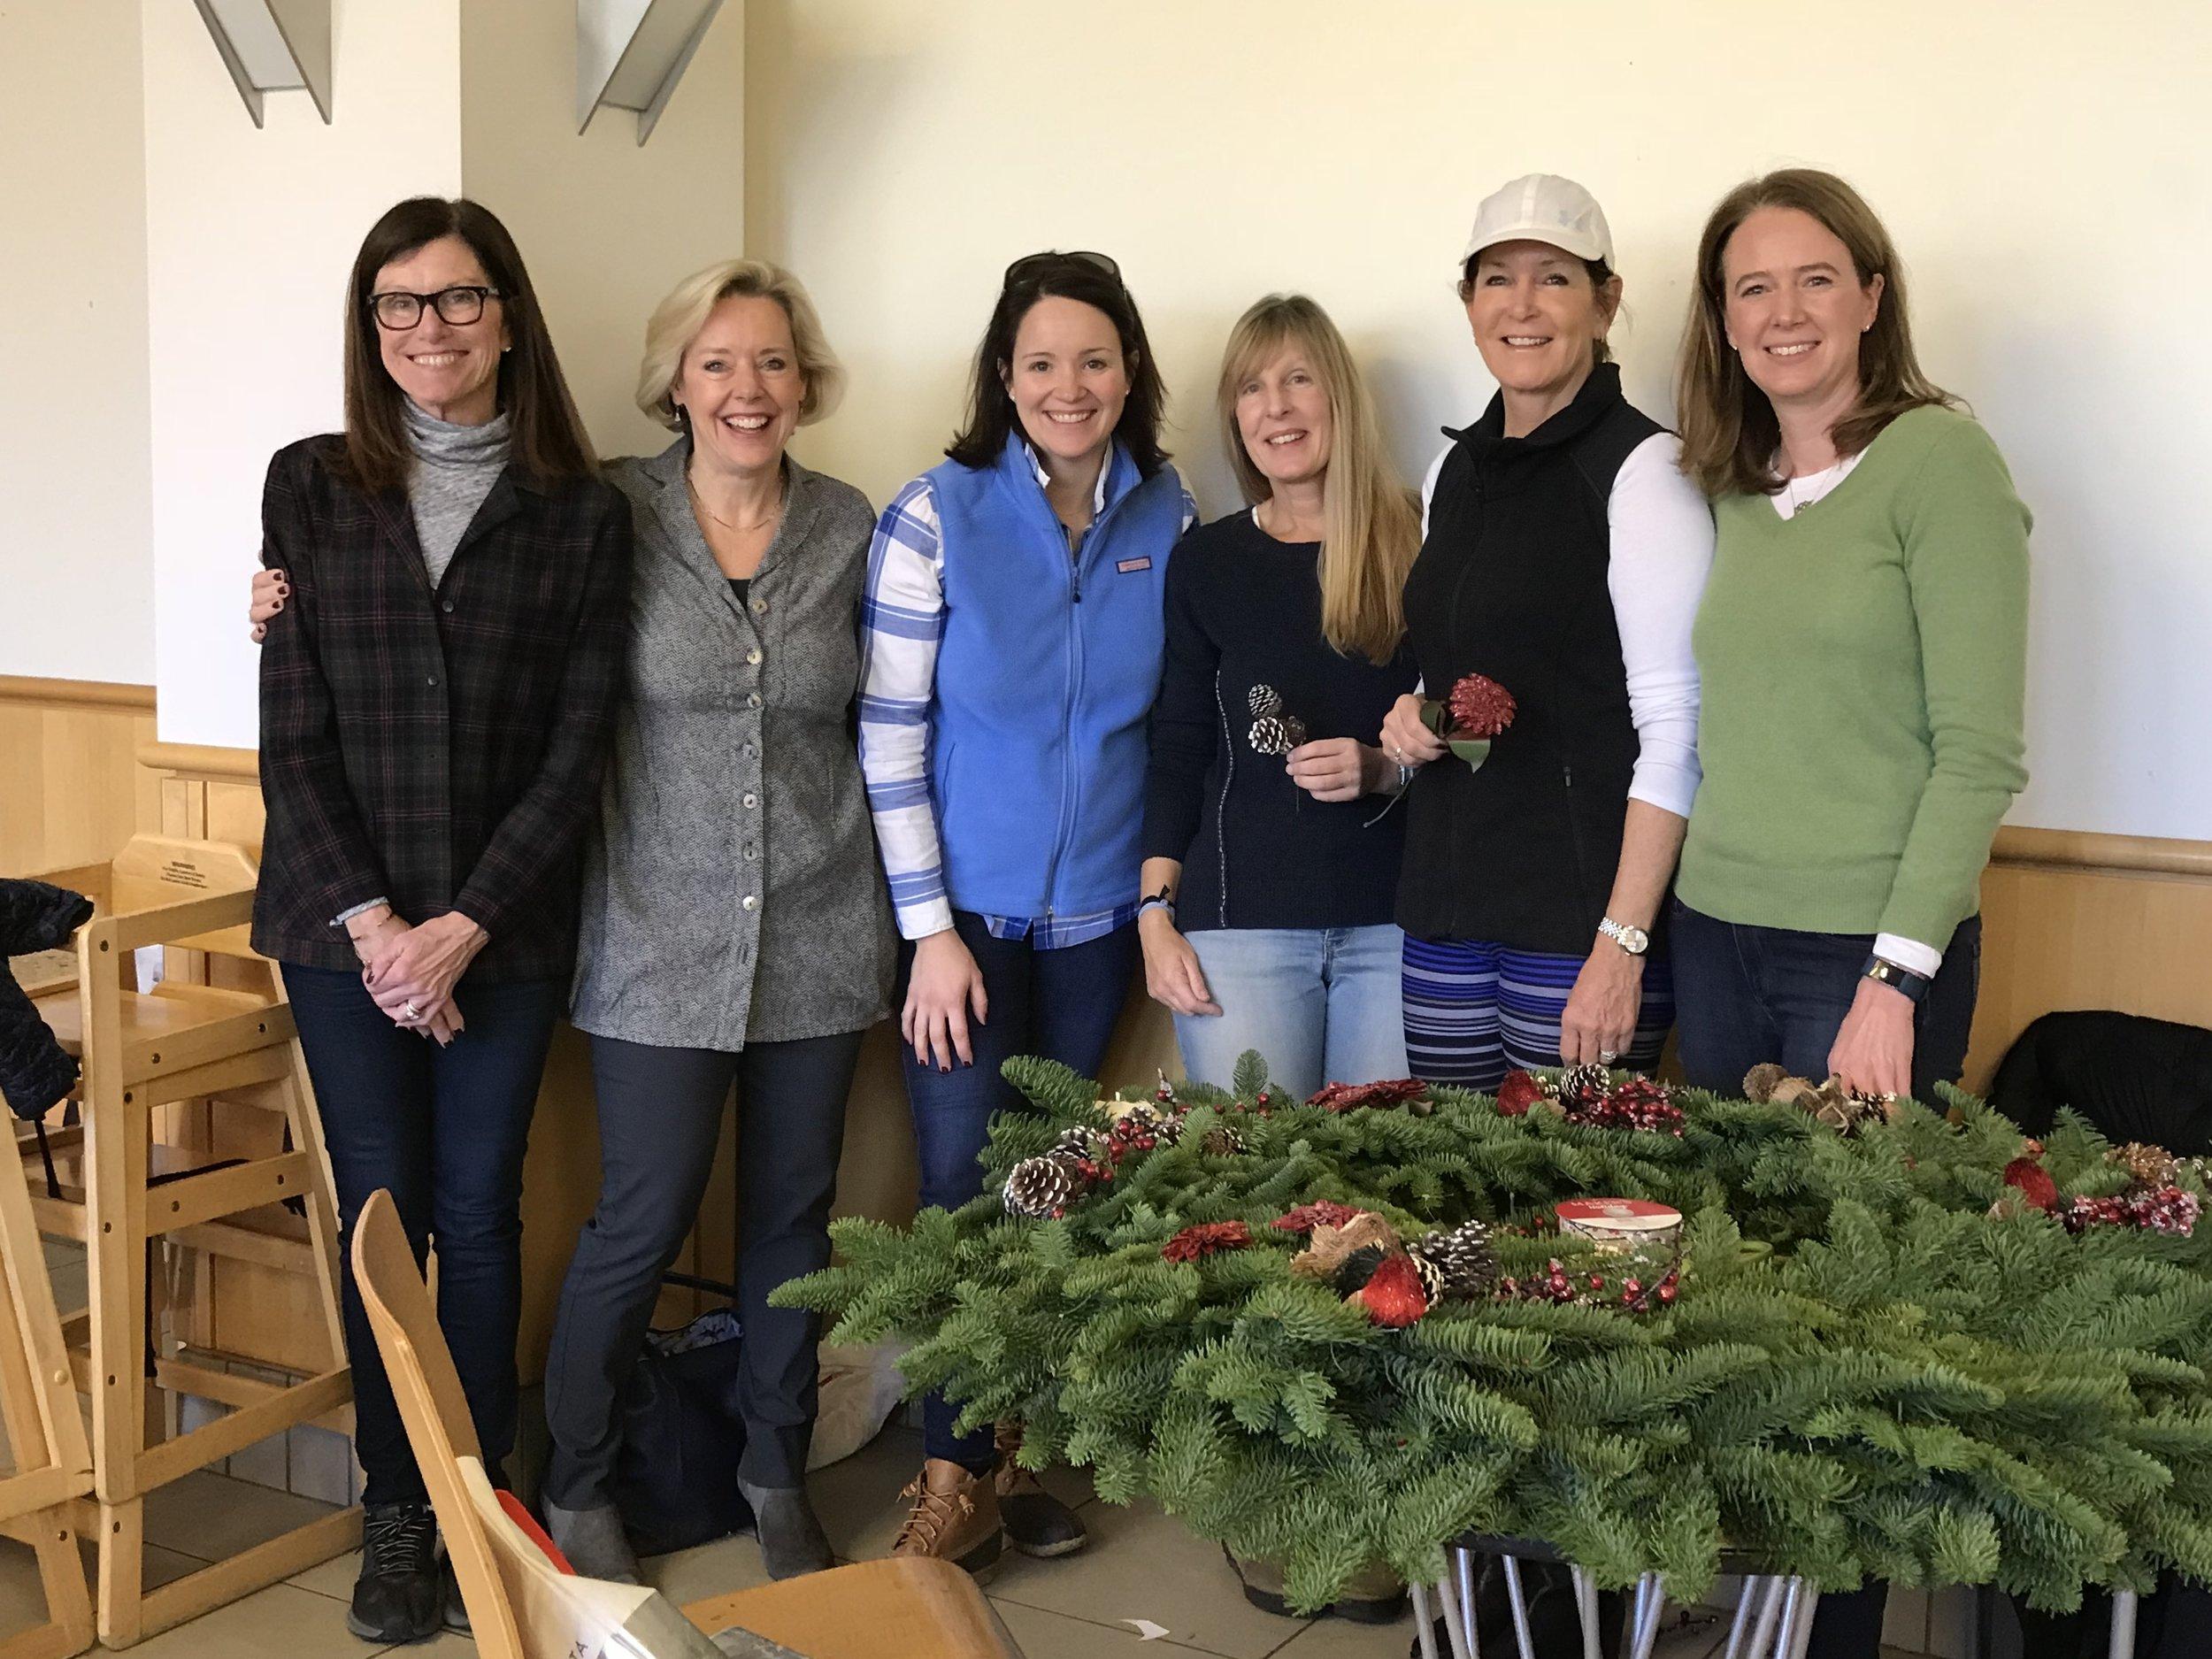 left to right: Caroline Borrow, Debbie Coakley, Suzanne Taigen, Lori Cohen, Meg Furey and Elizabeth Faremouth